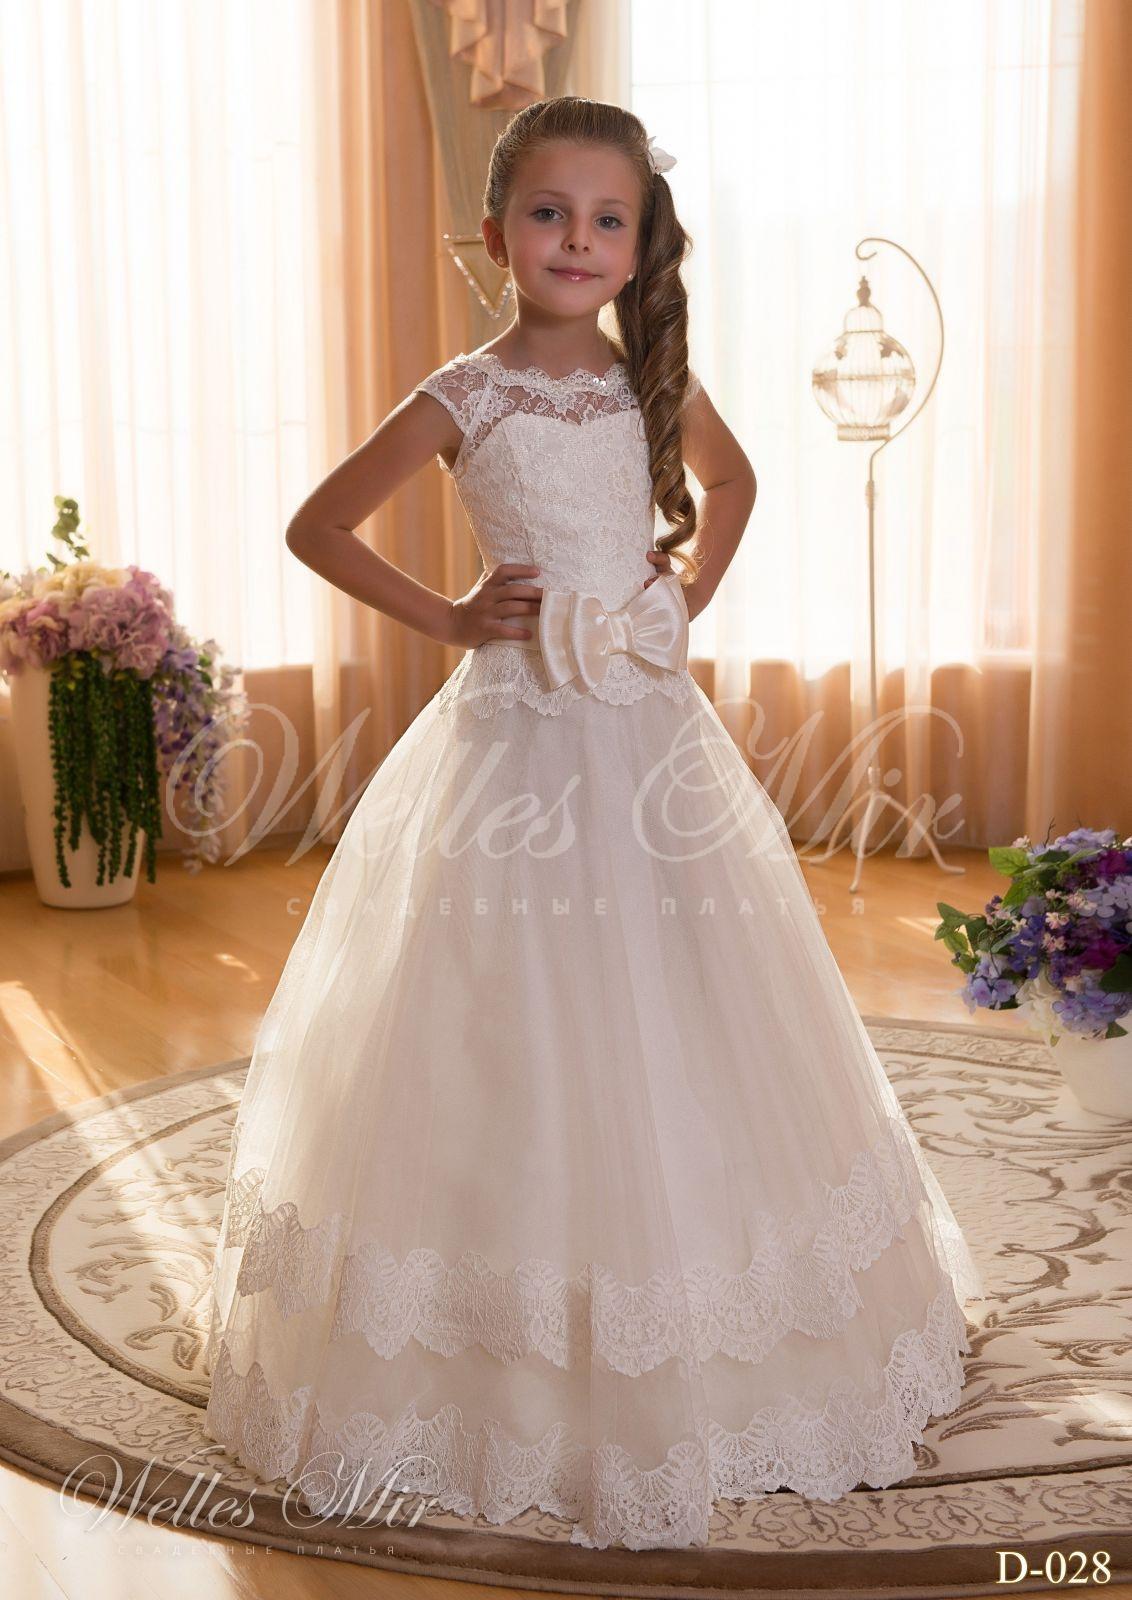 Детские платья Детские платья 2015 - D-028